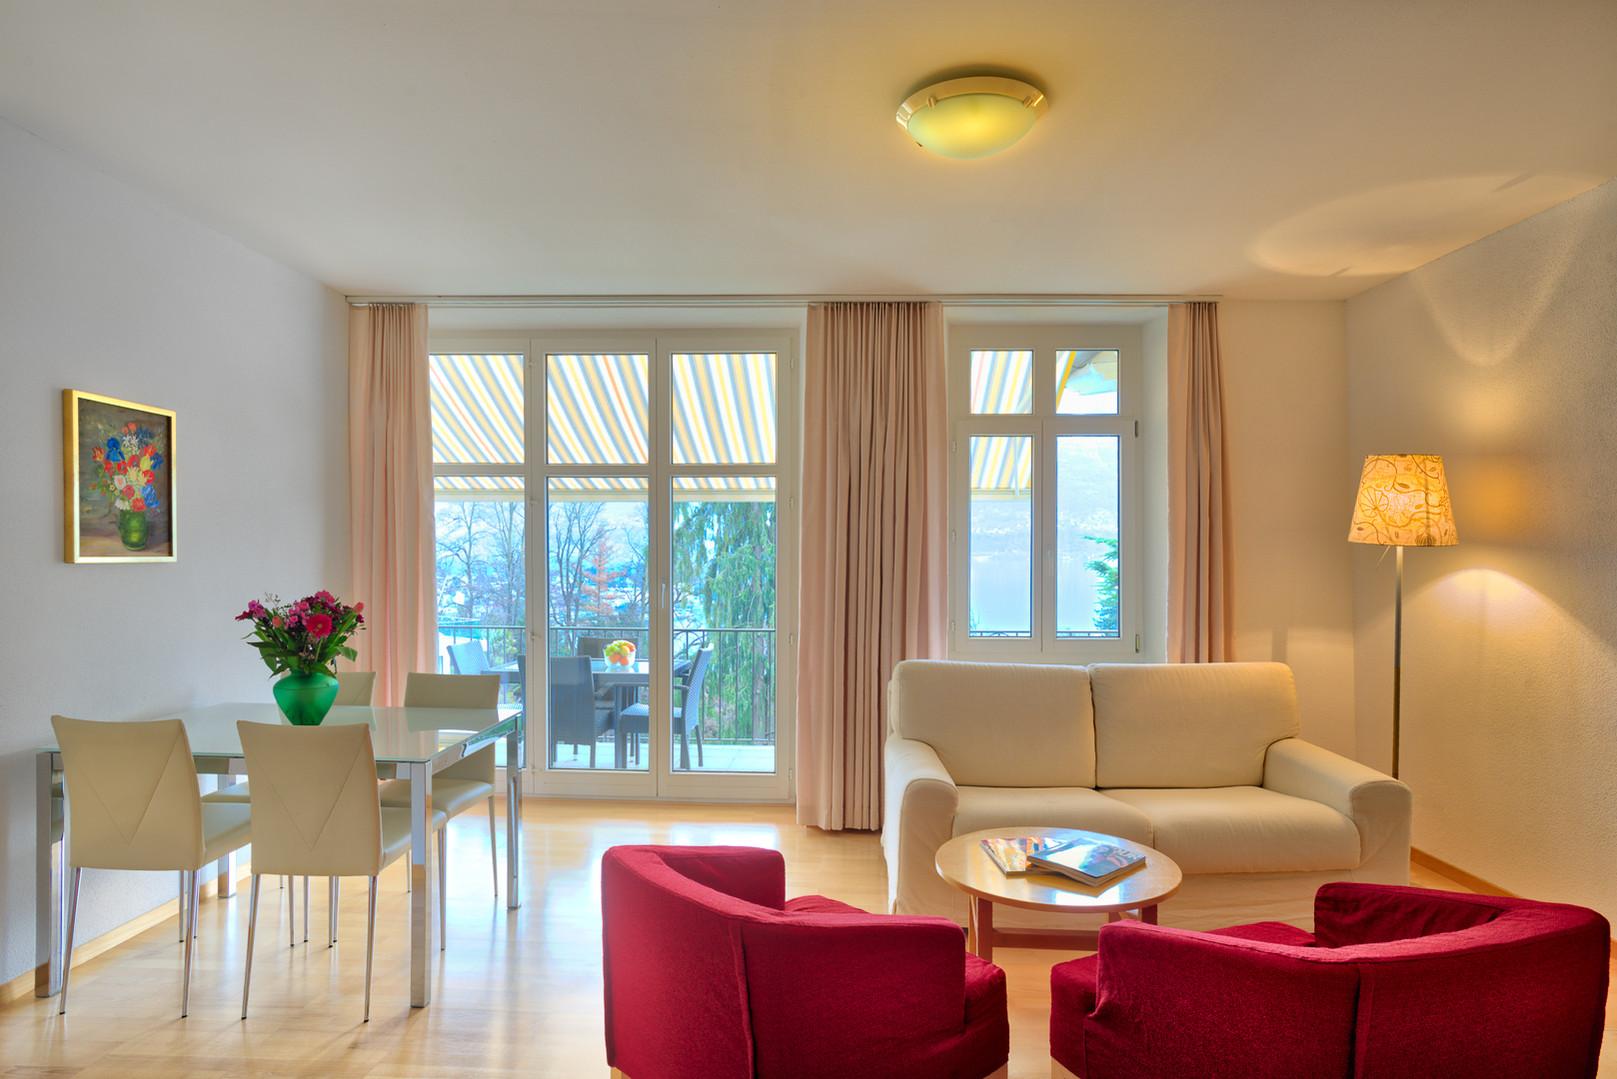 Balkonzimmer_Wohnessbereich.jpg